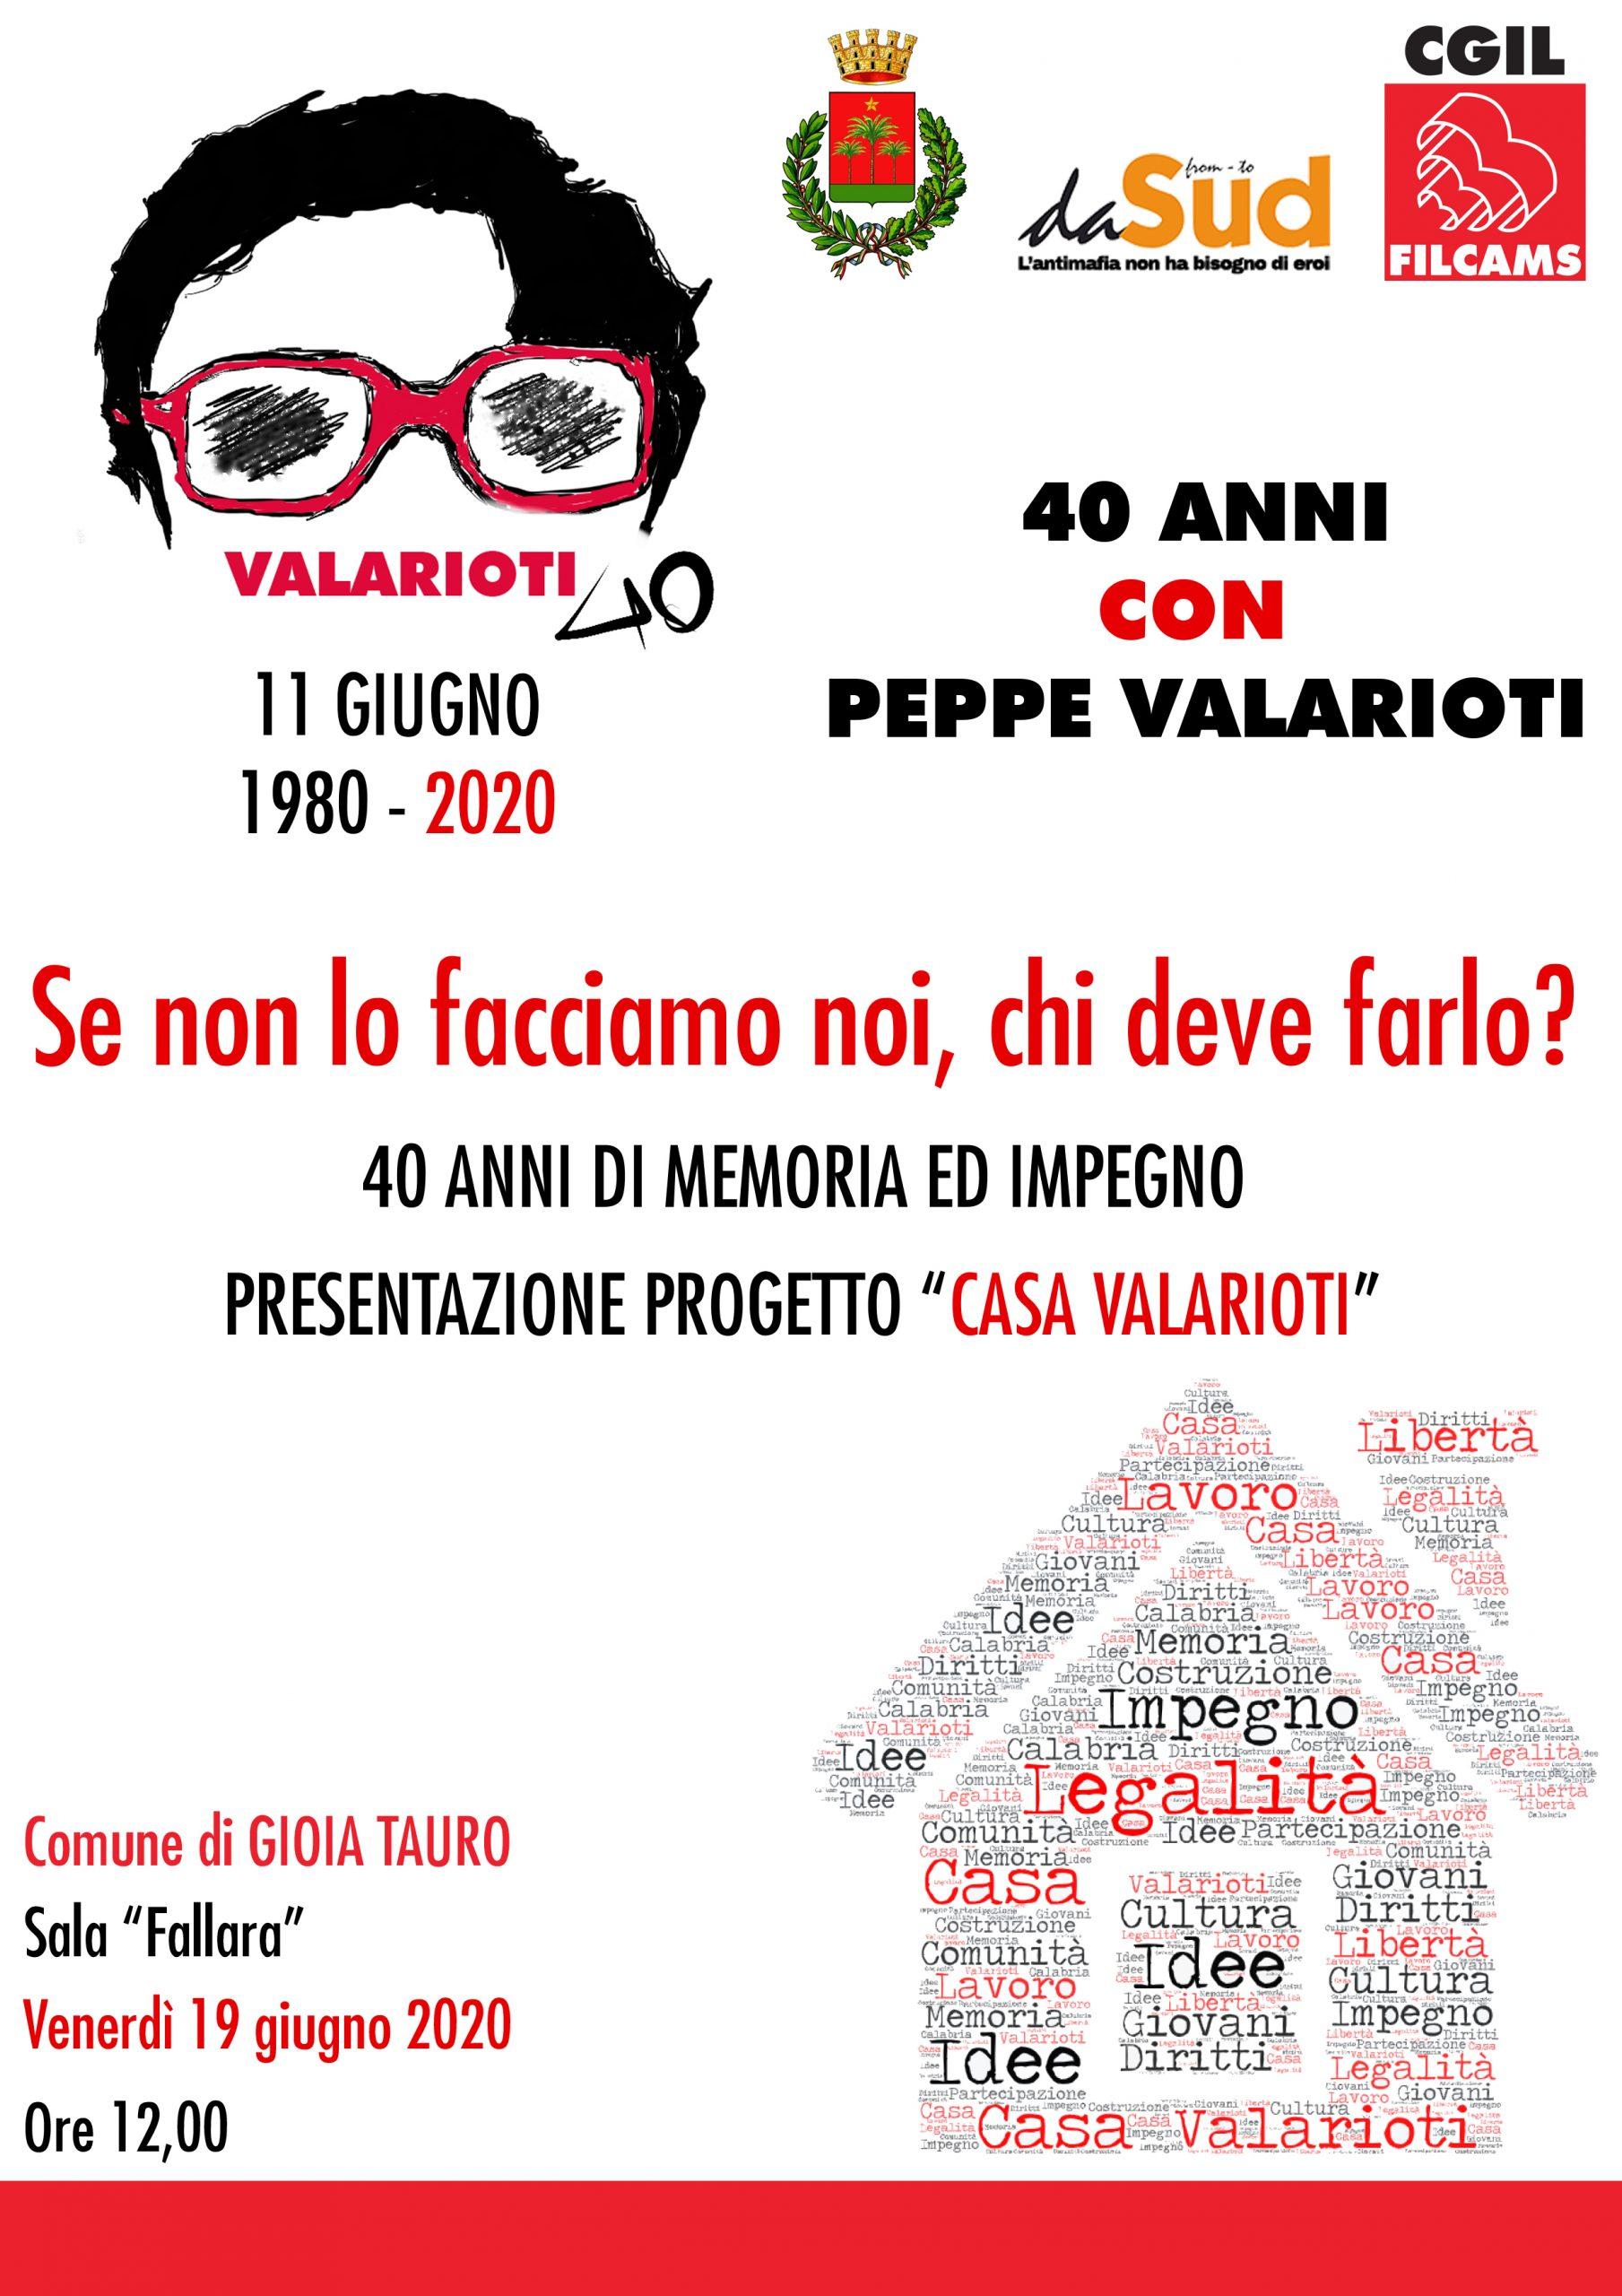 locandina dell'iniziativa CASA VALARIOTI